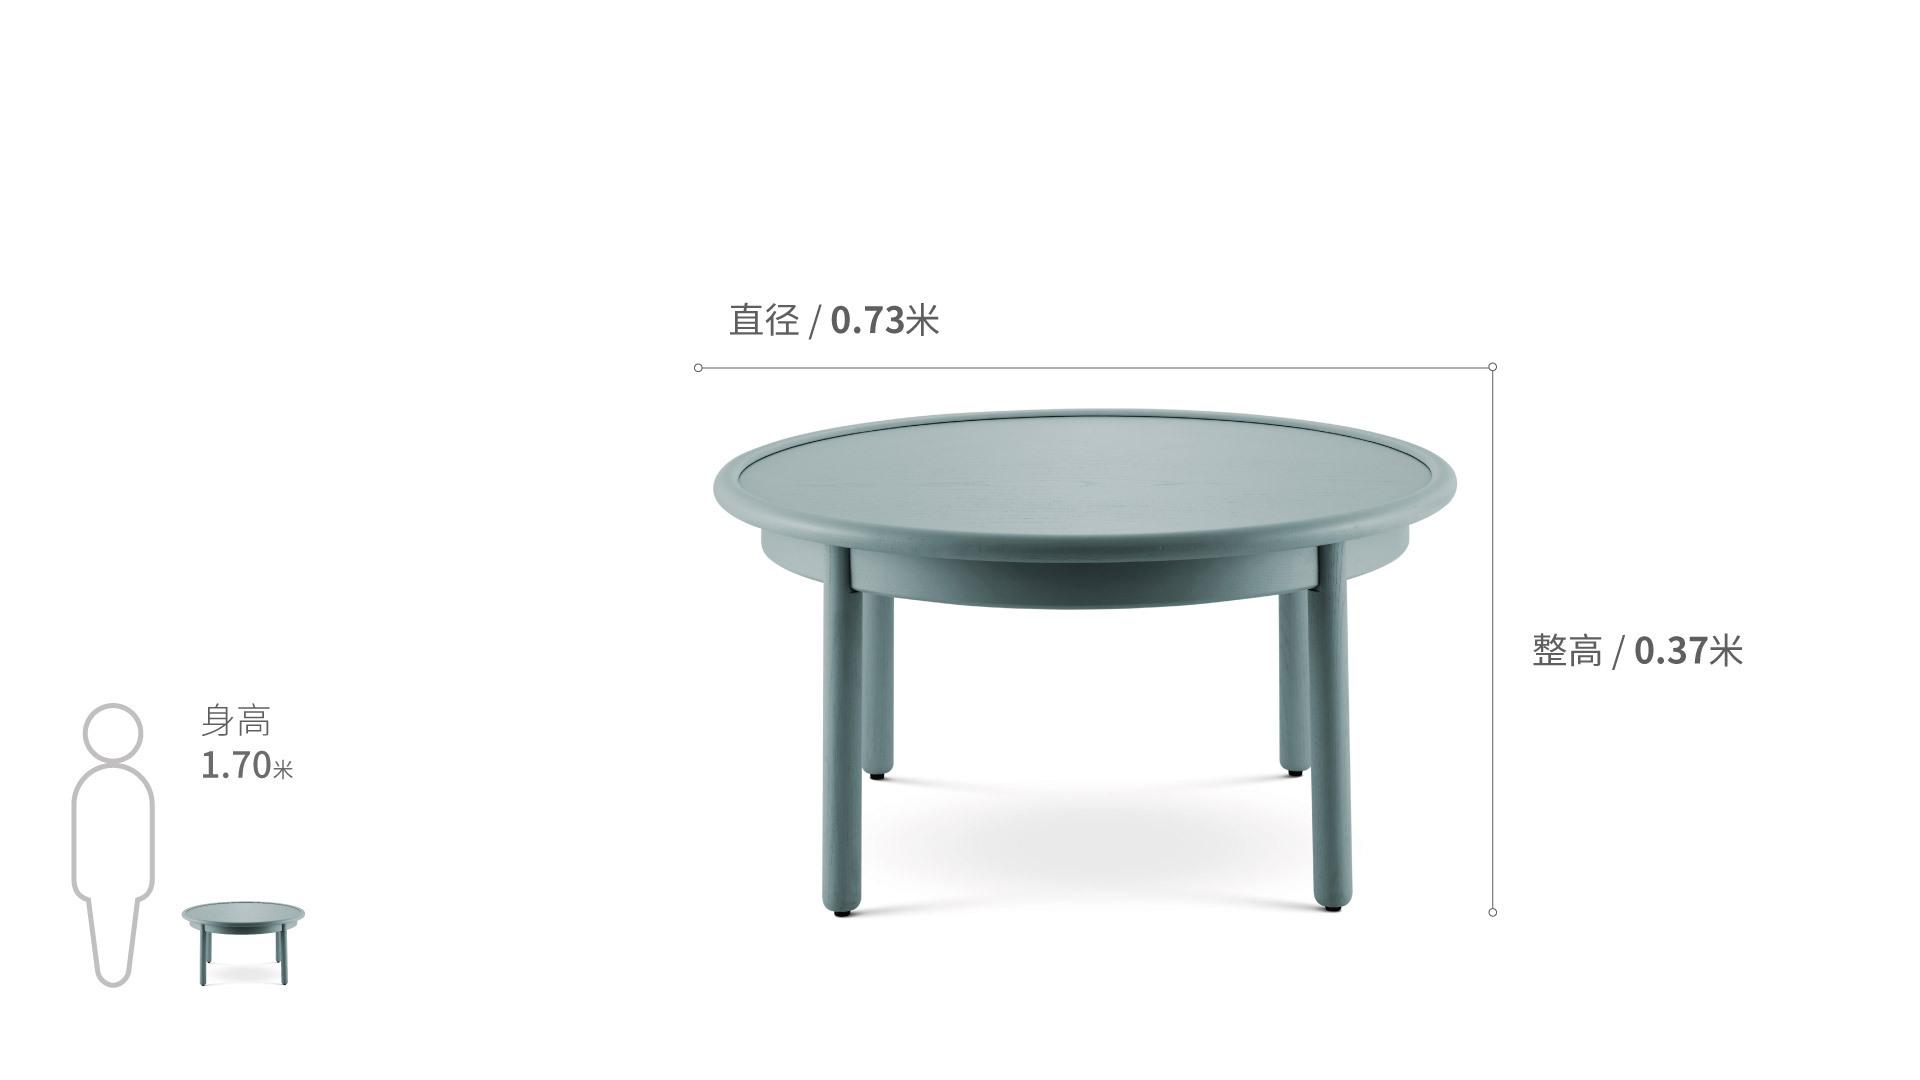 美术馆茶几小圆款桌几效果图